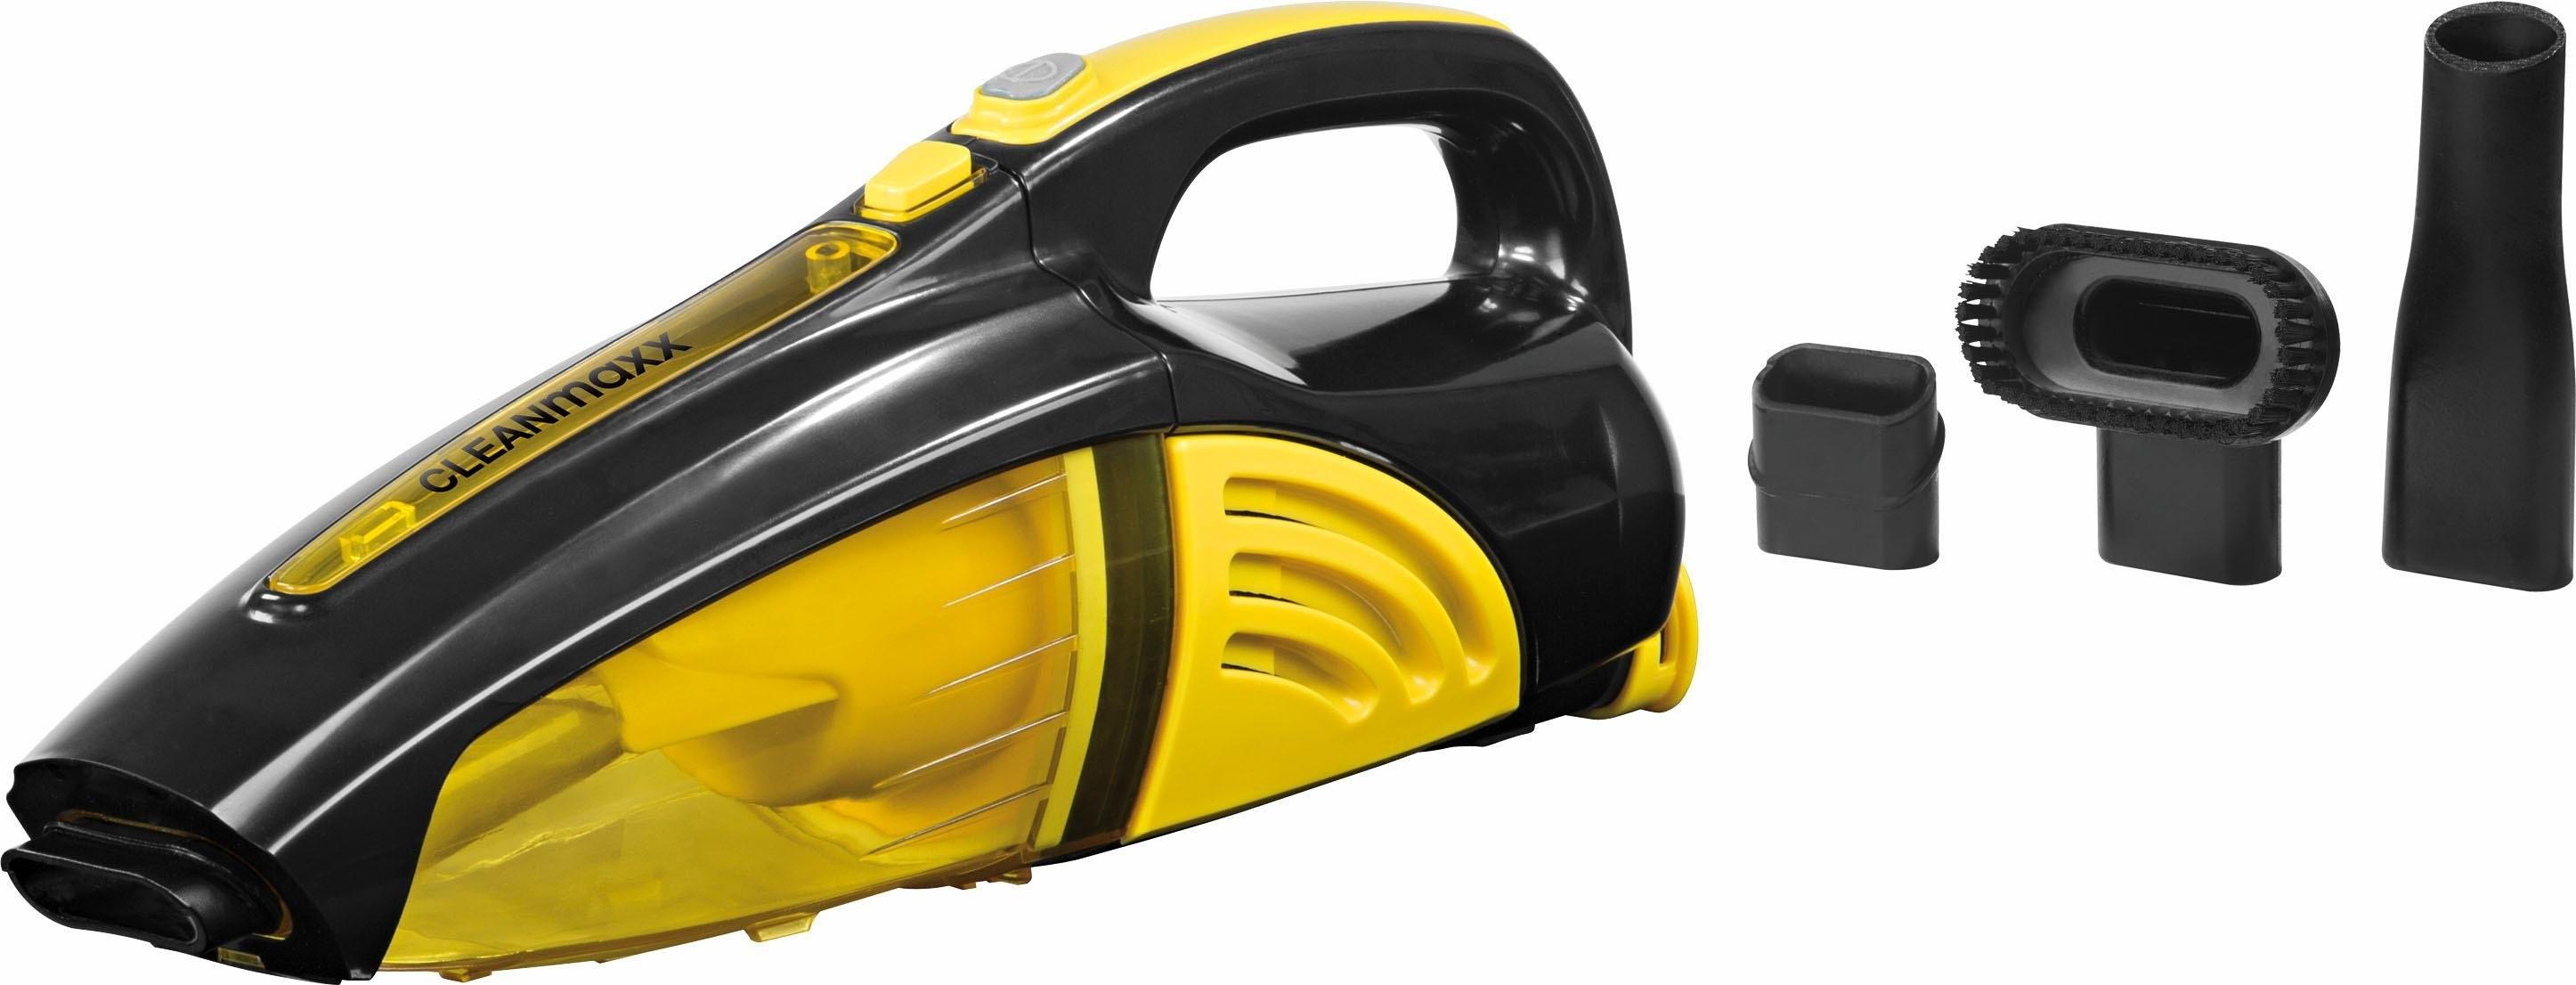 cleanmaxx CLEAN MAXX accu-kruimeldief 2-in-1, nat/droog, 7,4V, geel/zwart bestellen: 14 dagen bedenktijd